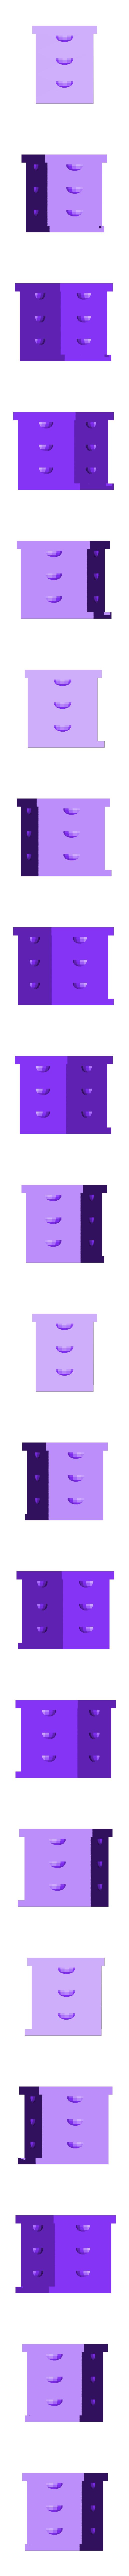 Assembled_Hive.obj Télécharger fichier OBJ gratuit Modèle de ruche Langstroth • Modèle imprimable en 3D, AlbertKhan3D